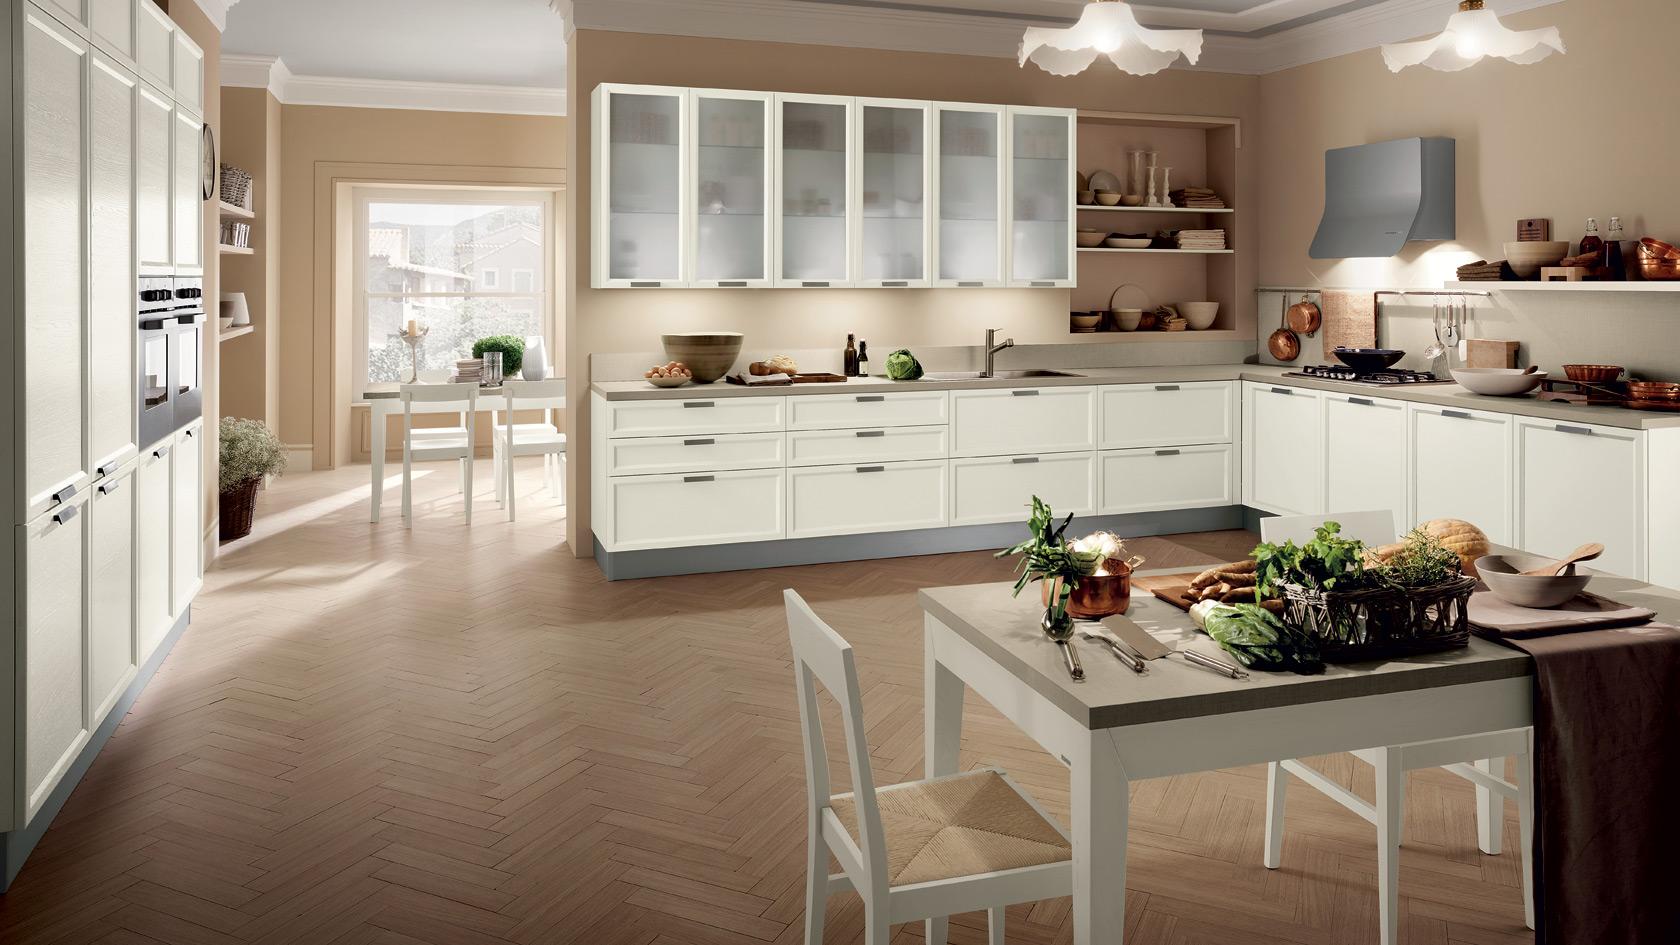 Tavoli Da Cucina Scavolini : Cucina atelier scavolini da arredi e interni a maranello e sassuolo